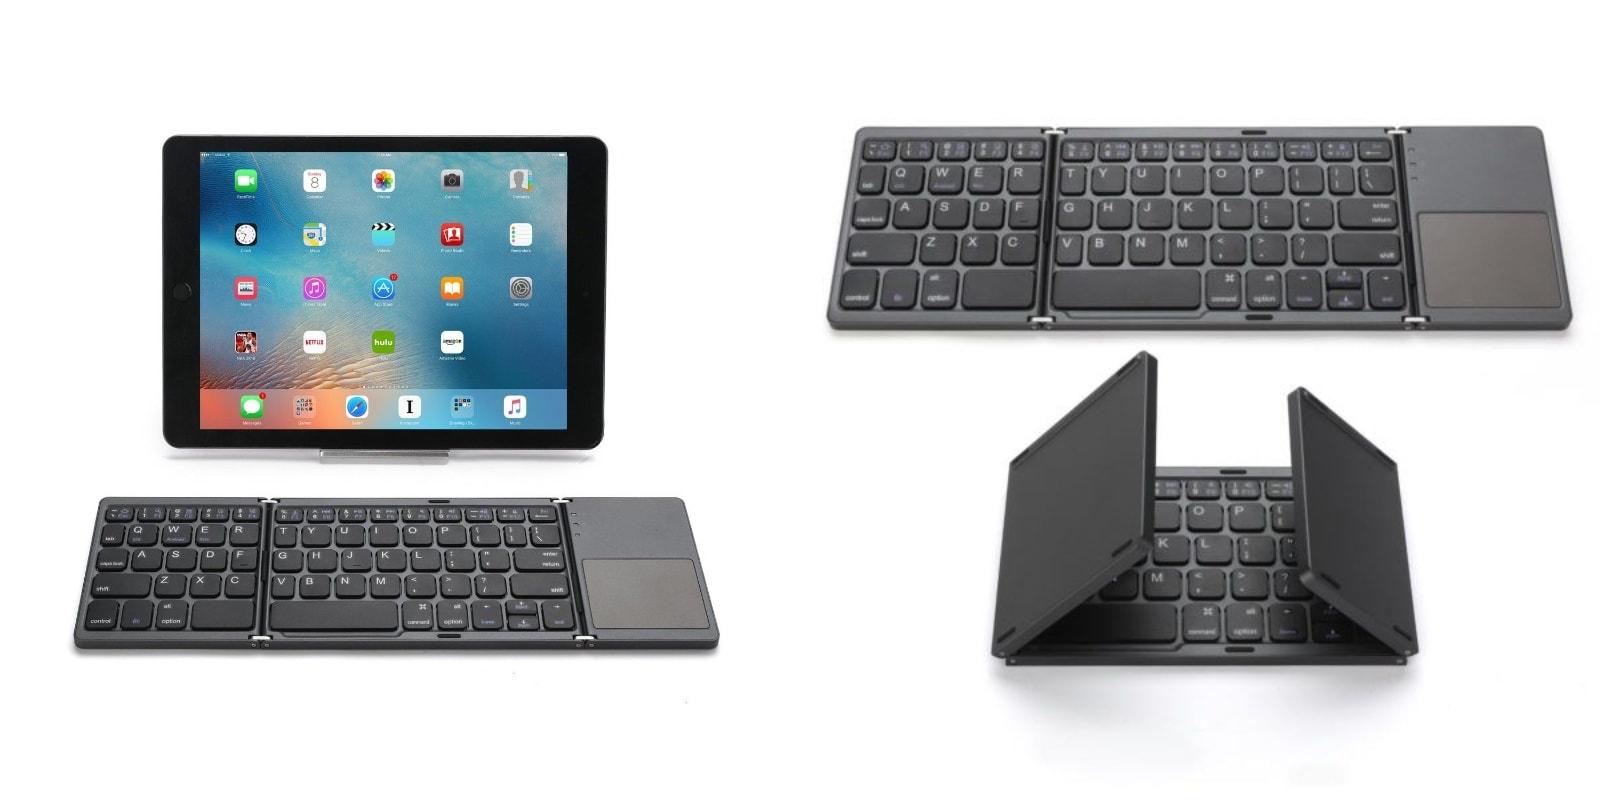 Wireless Keyboard Roundup